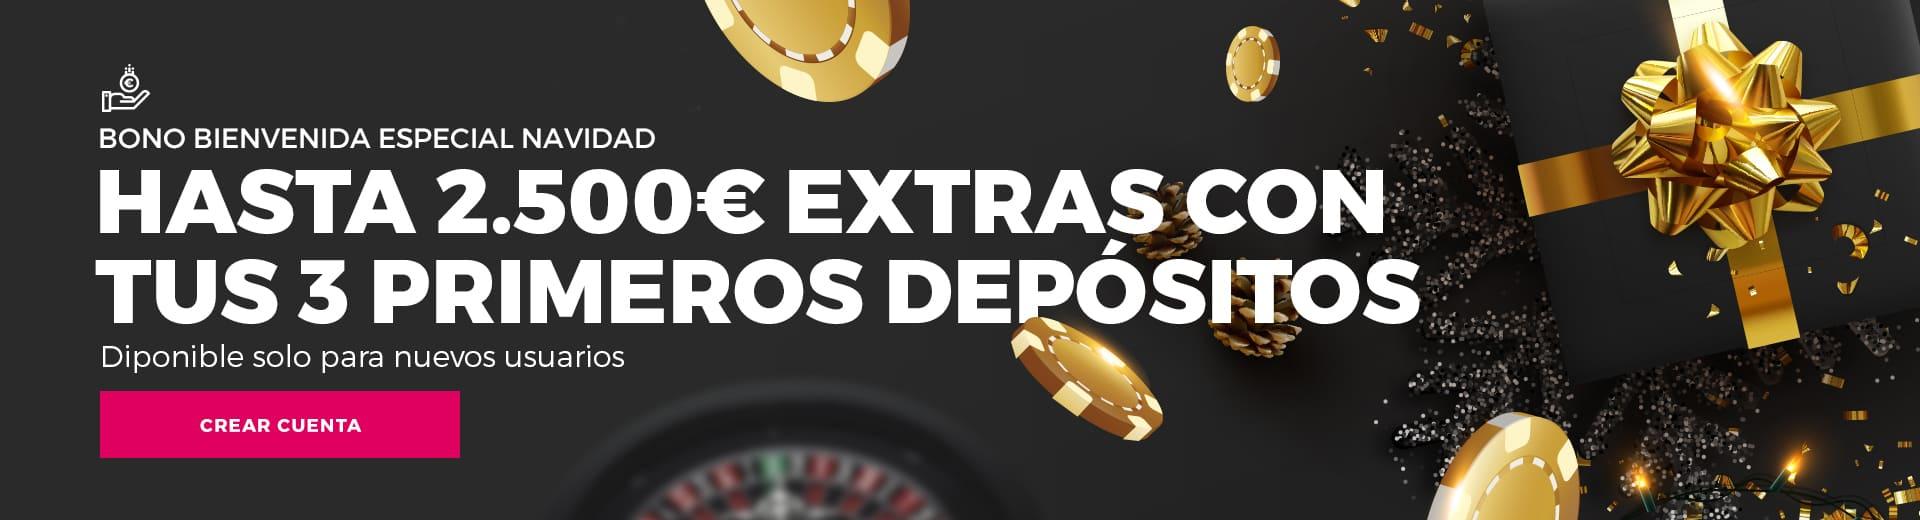 Ofertas Exclusivas online jugar casino en vivo-910603